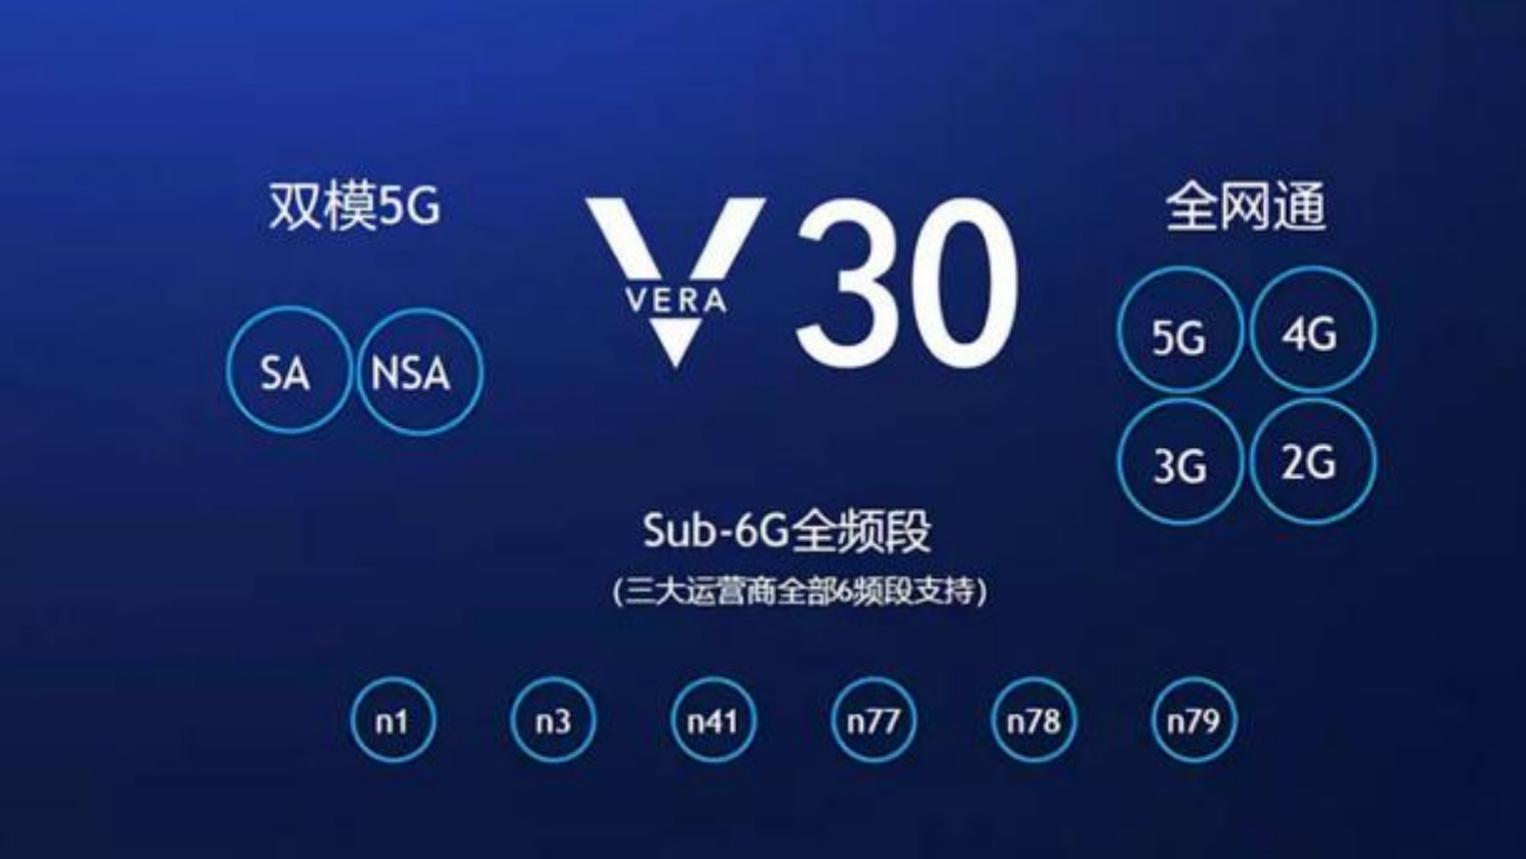 第2款麒麟990芯片5G手机  荣耀V30来了, 低价5G市场搅局者